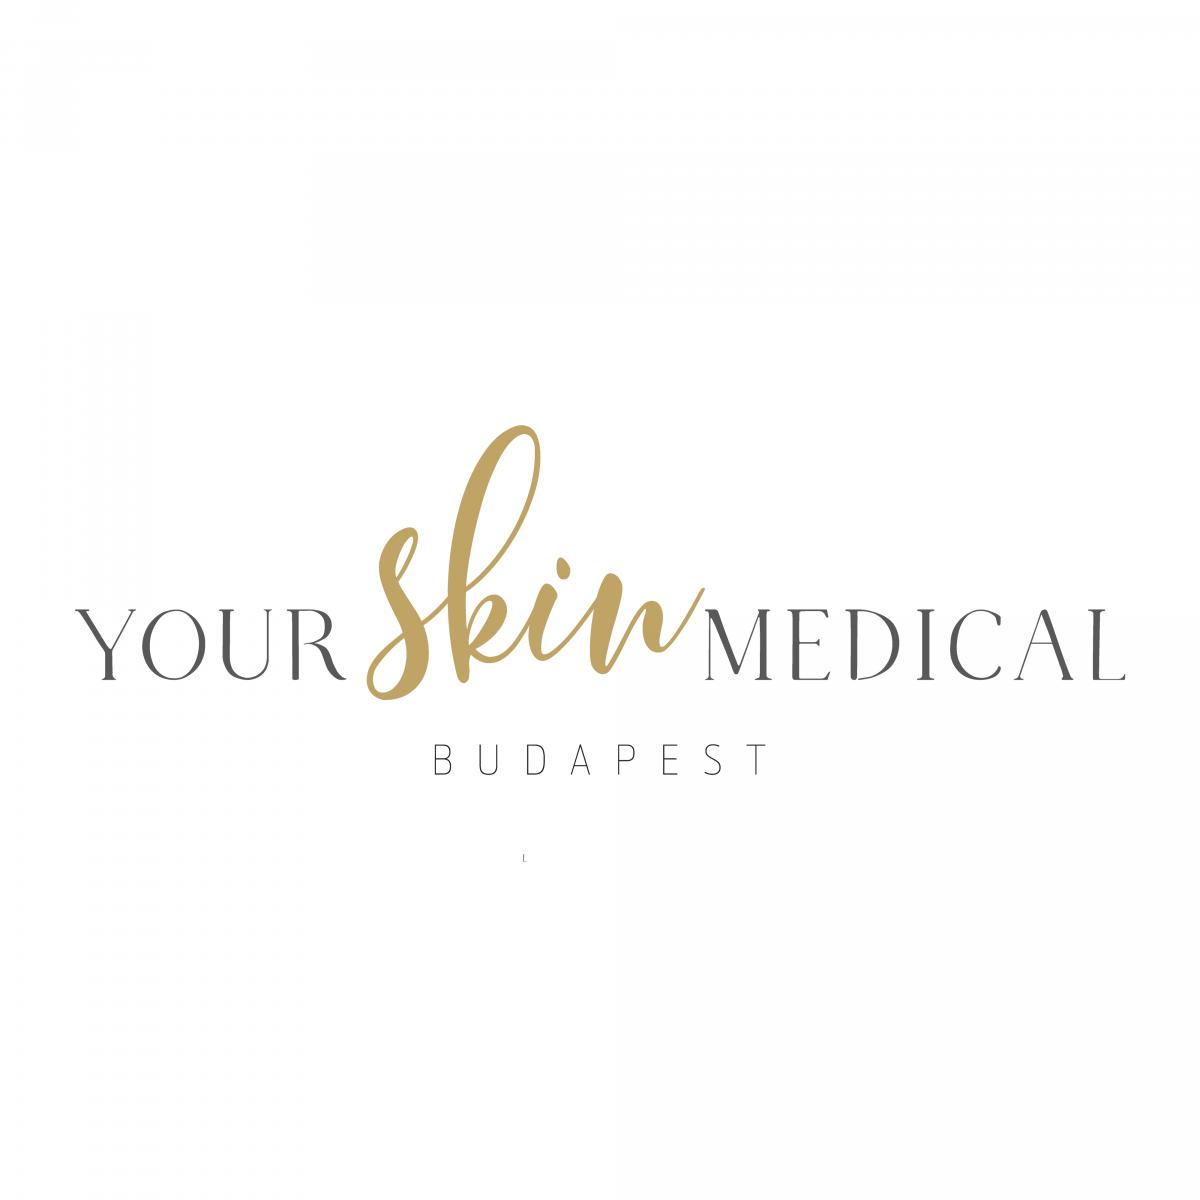 Your Skin Medical - Kozmetika, Lézeres szőrtelenítés, Testkezelés